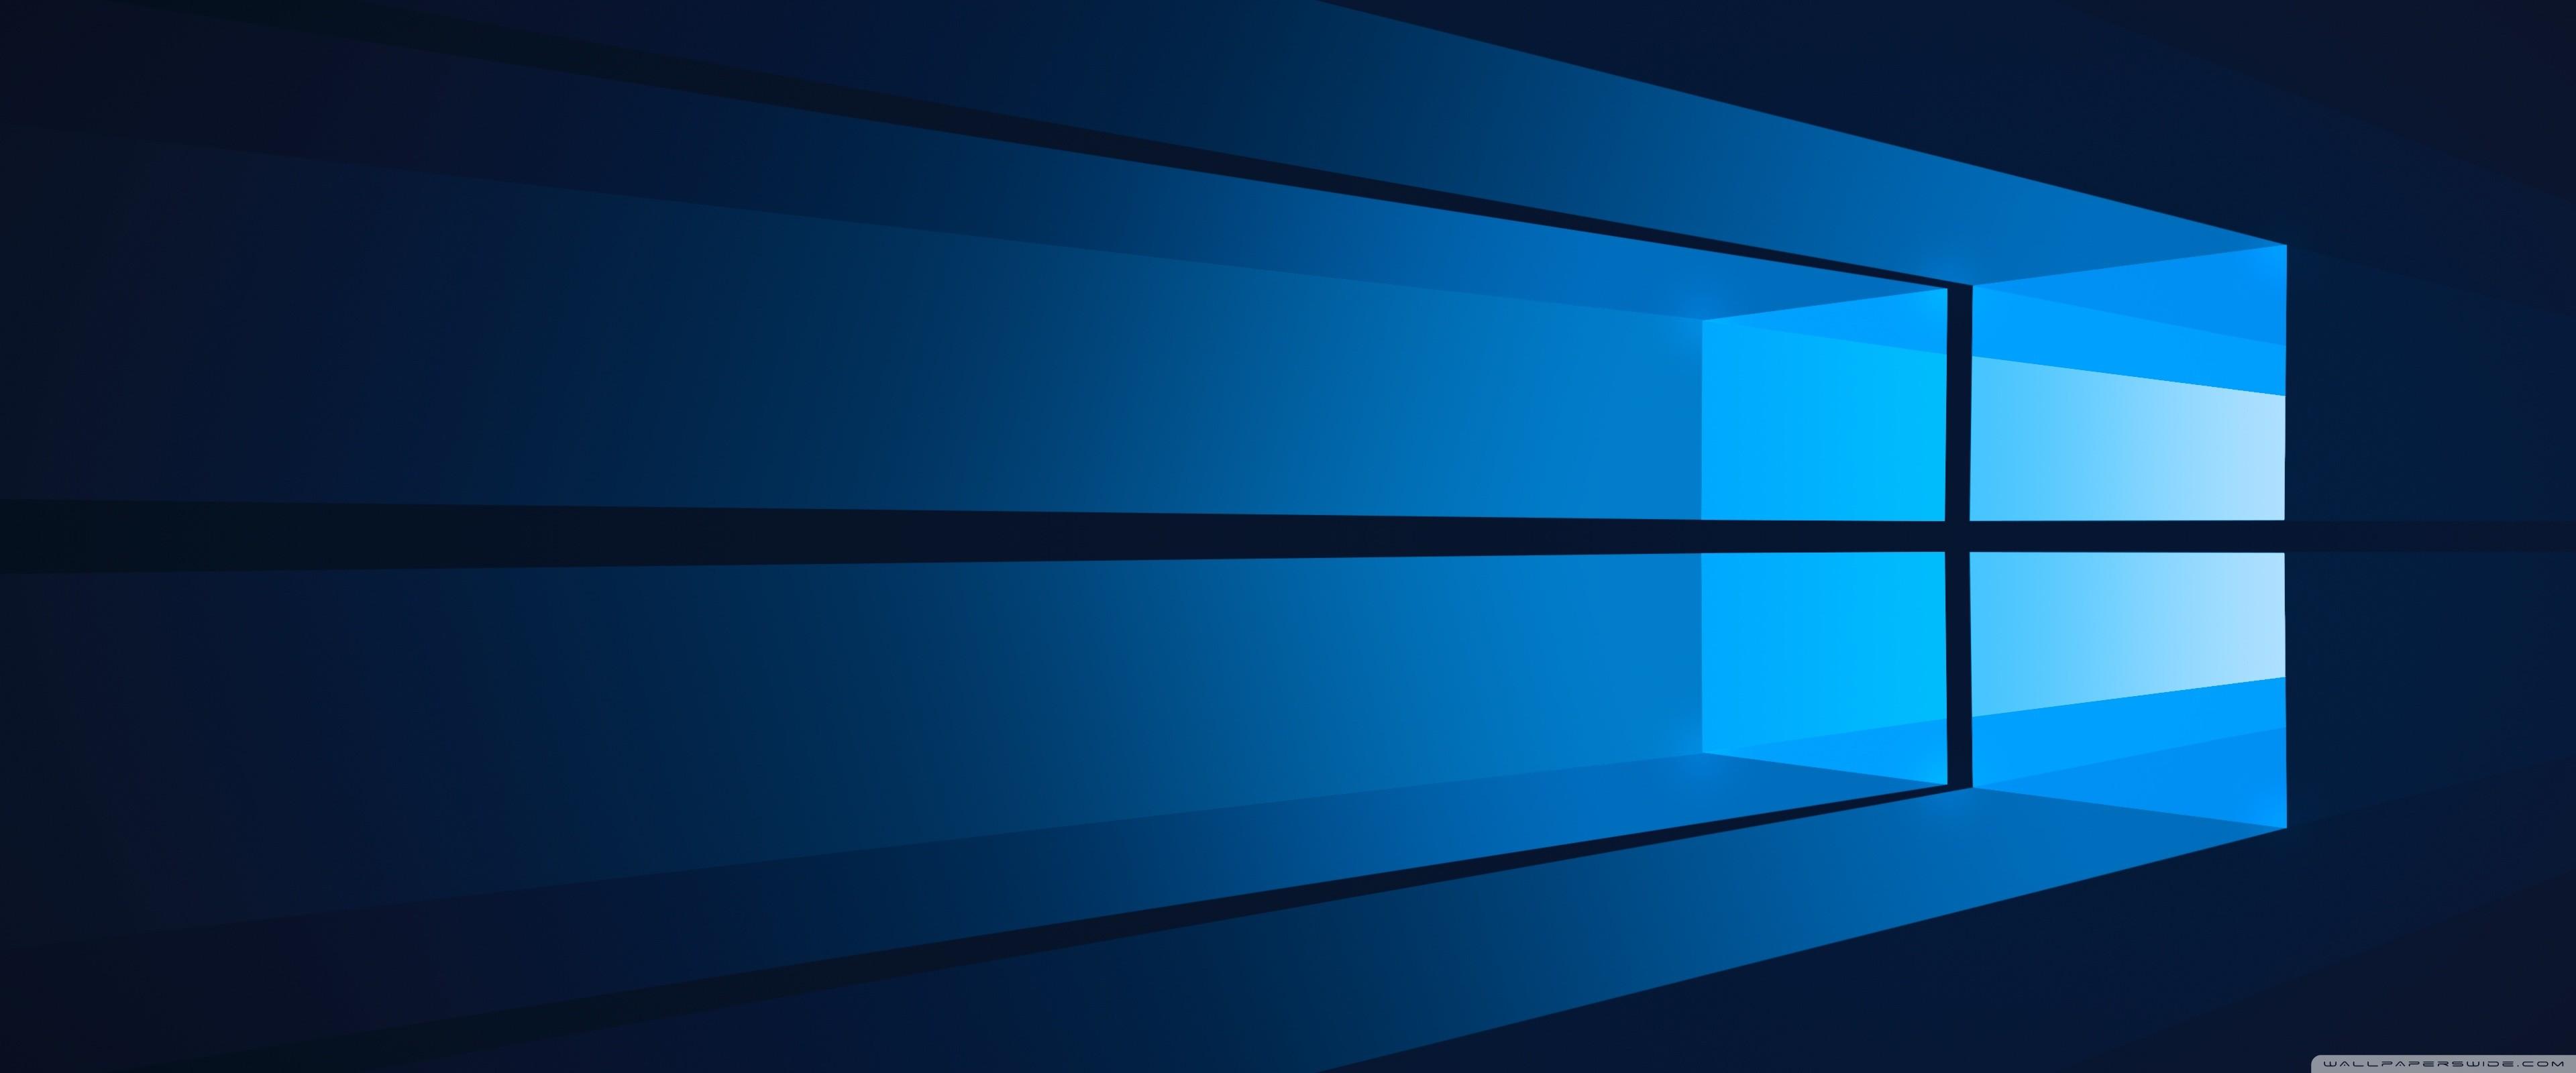 Flat Windows 10 HD desktop wallpaper : Widescreen .